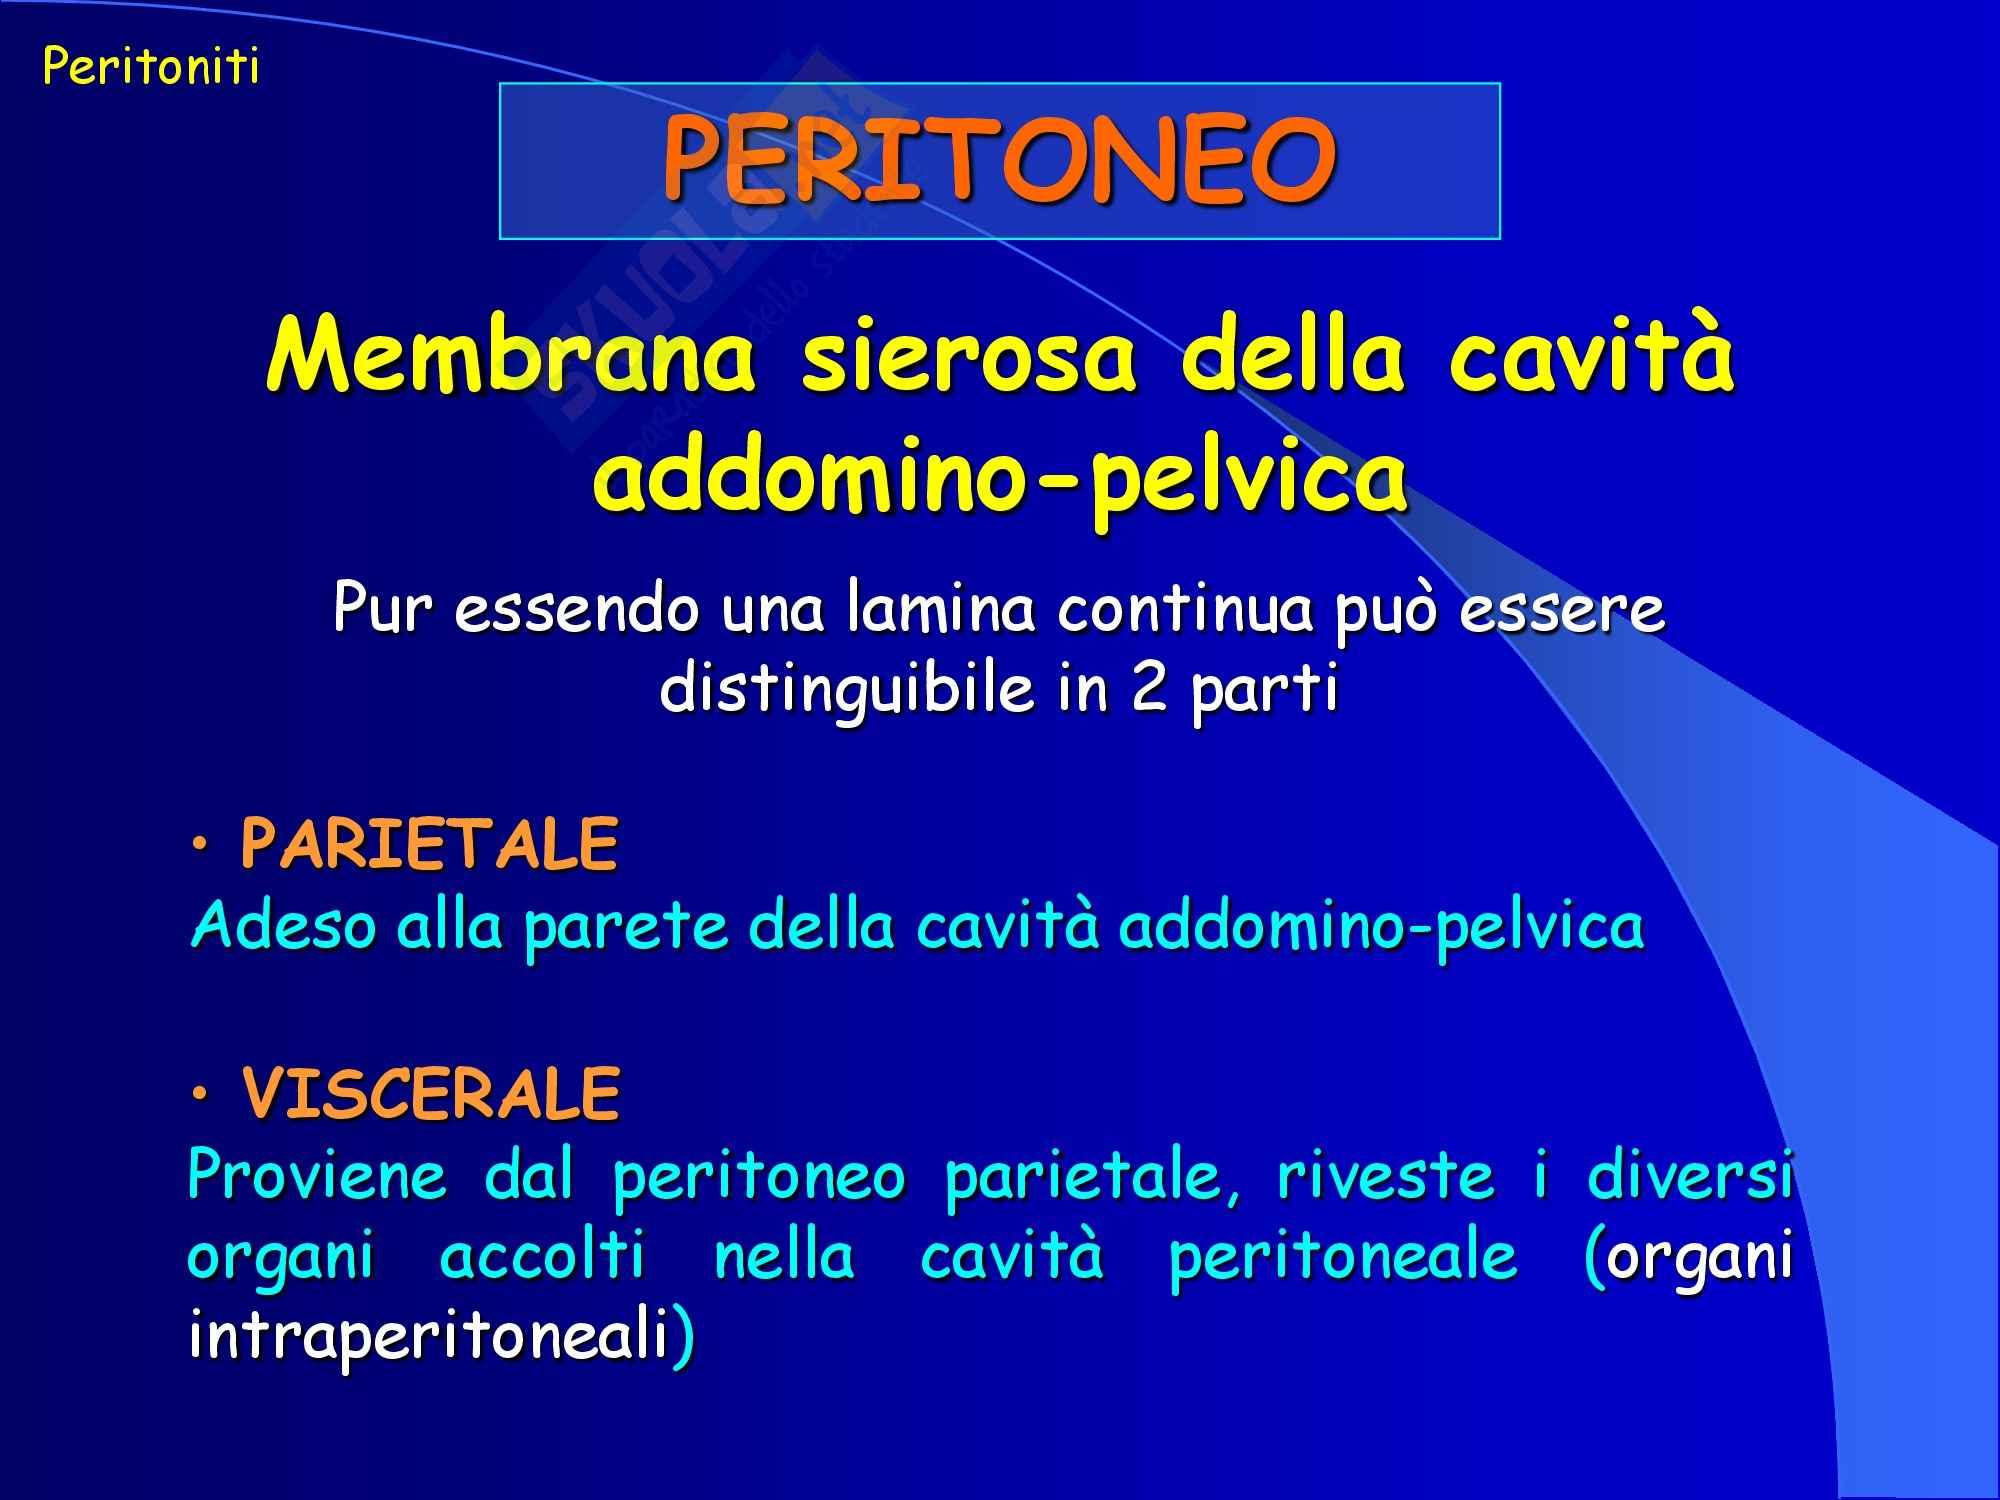 Chirurgia dell'apparato digerente - Peritoneo e peritonite